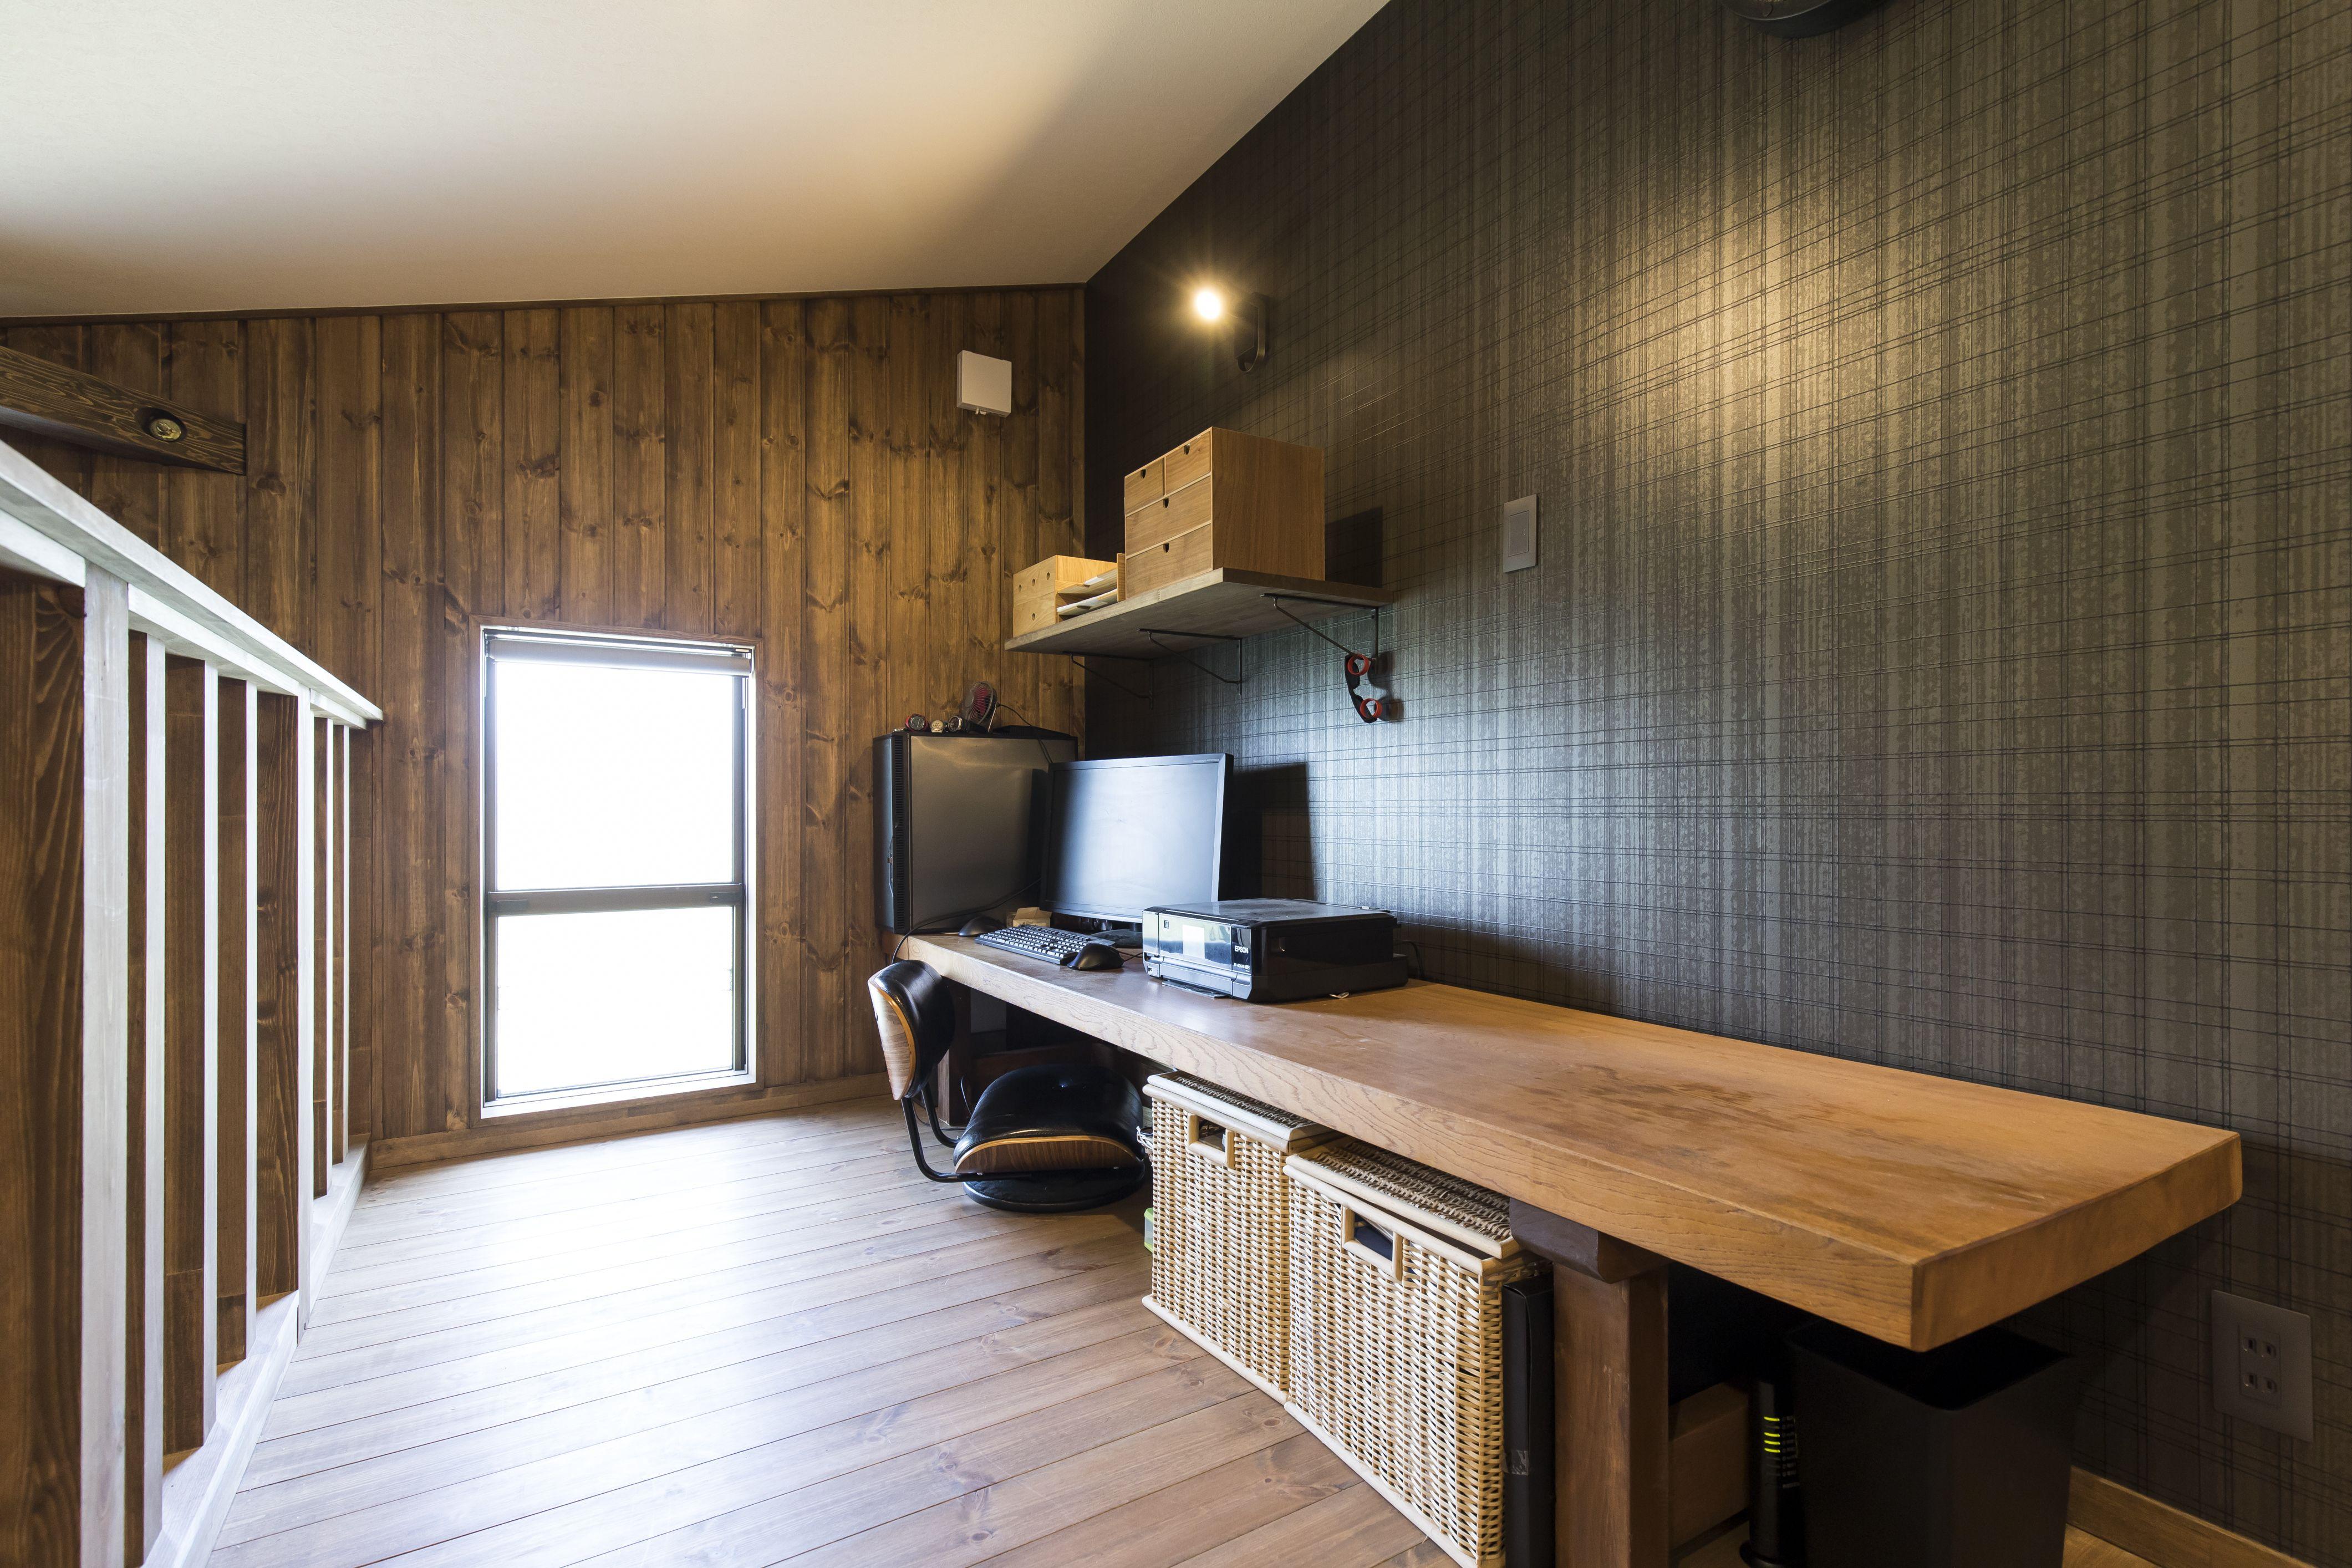 Freeq Homes Loafer フリースペースの使い方 施工事例 Bino Bino